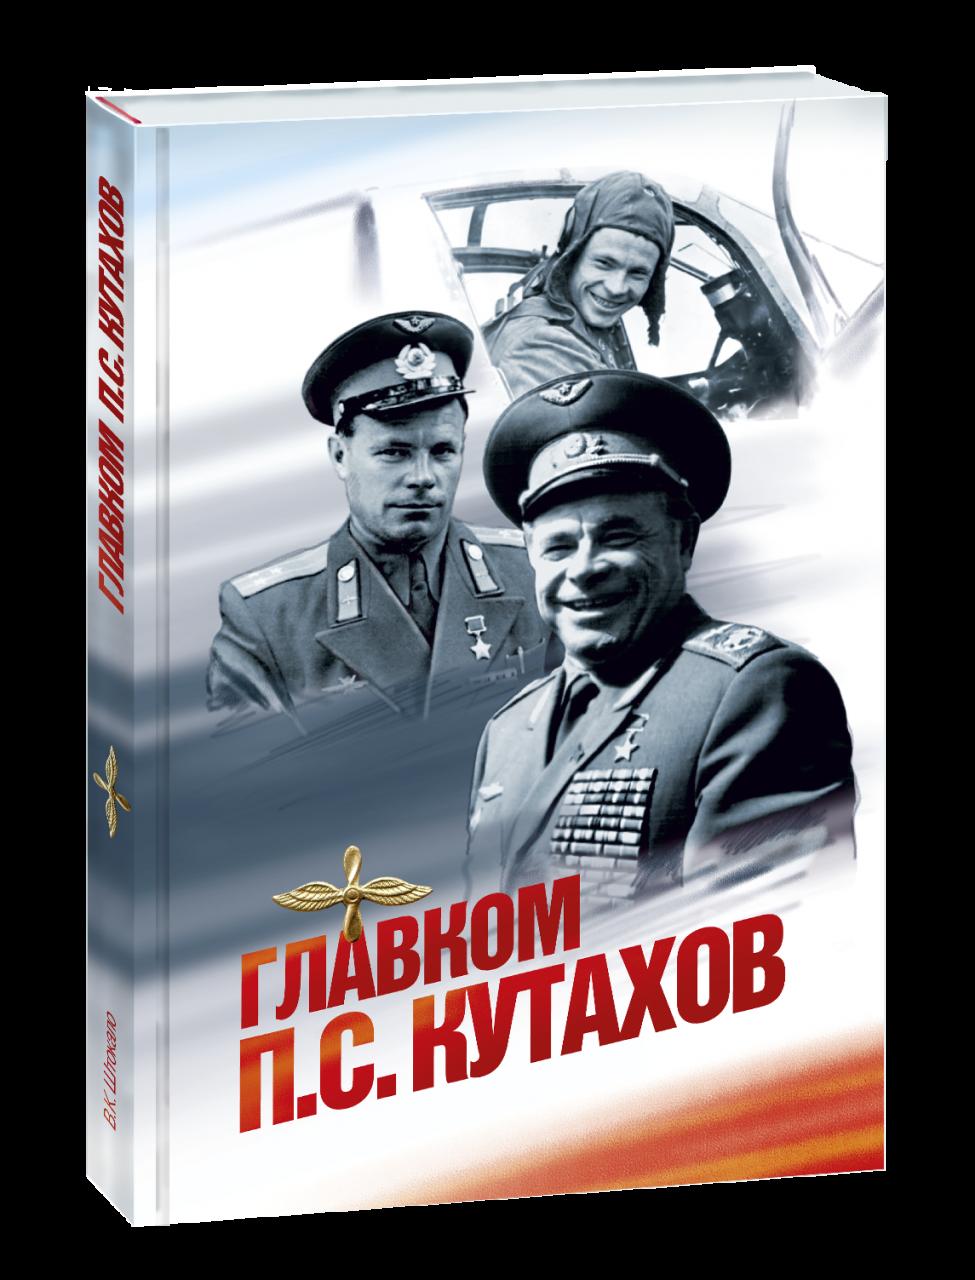 Кутахов-подПереплетНов